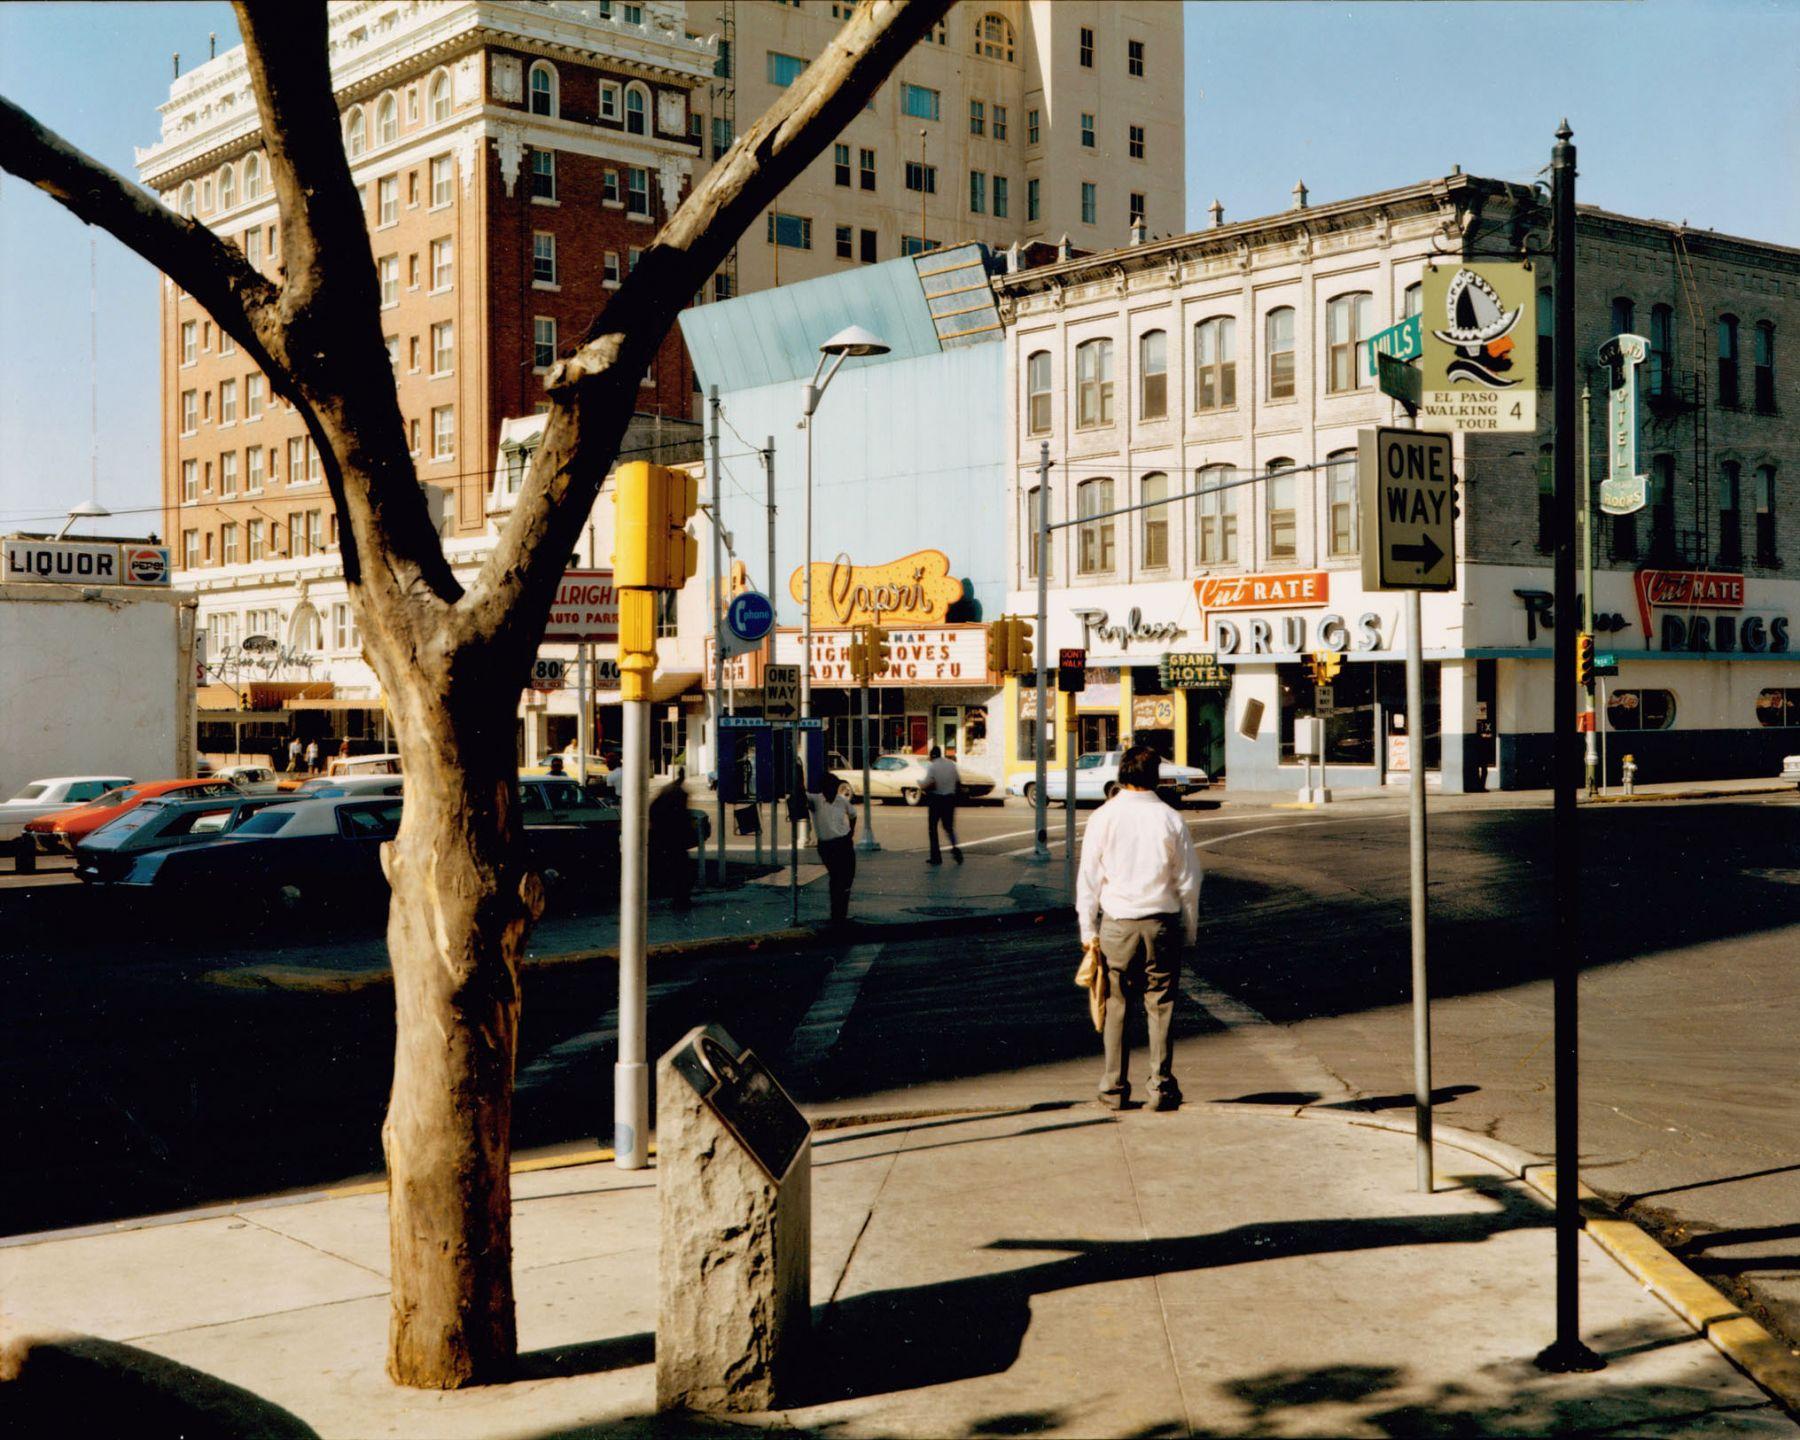 Stephen Shore El Paso Street El Paso Texas July 5, 1975